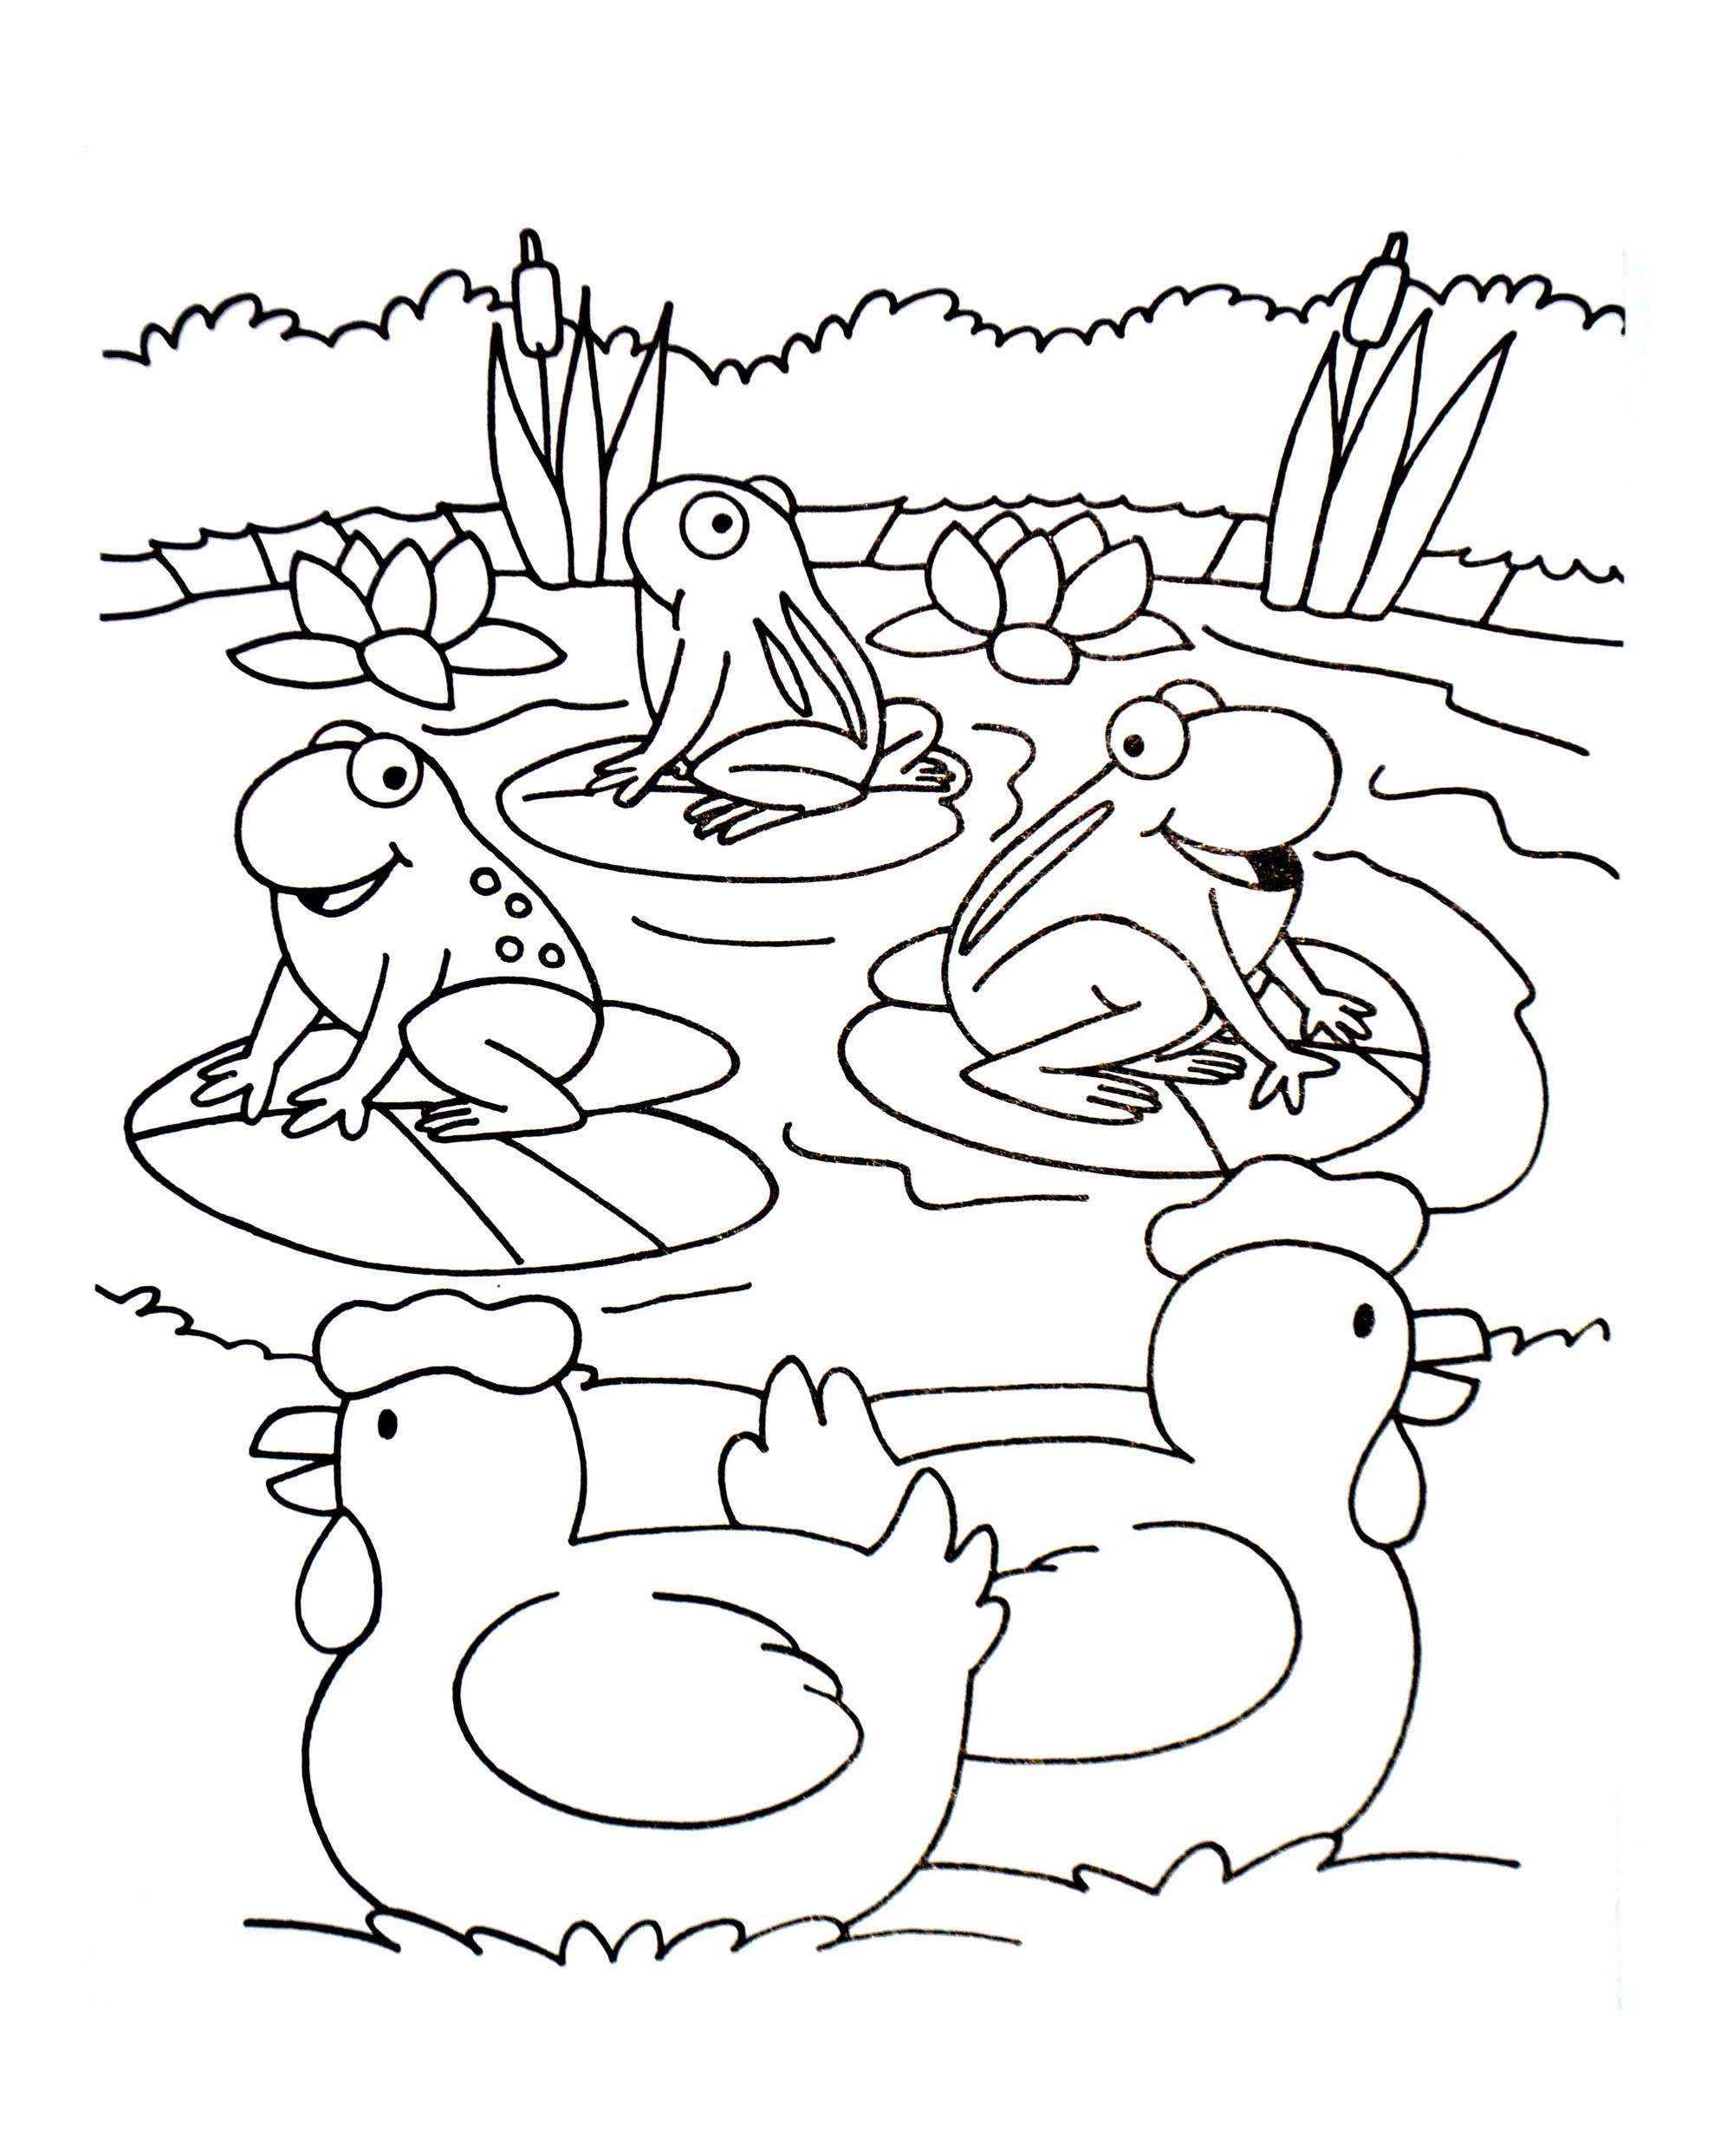 A imprimer chats 7 coloriage sur la ferme tracteurs - Coloriage ferme ...